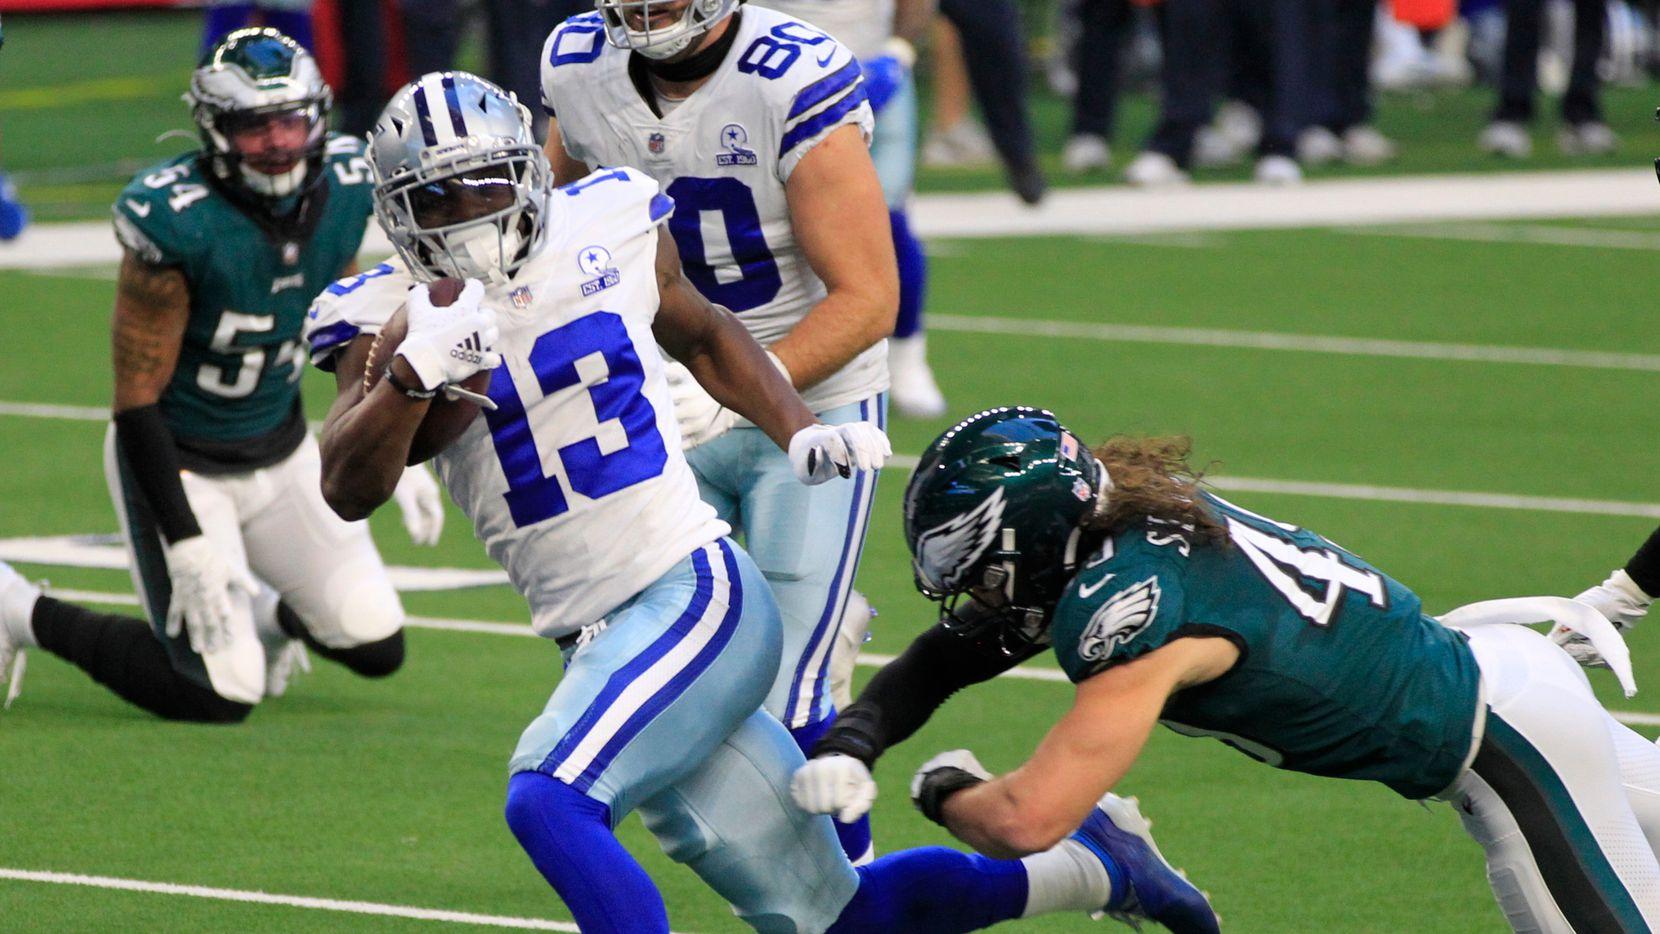 El receptor de los Dallas Cowboys, Michael Gallup (13), atrapa un pase de anotación en el partido ante los Eagles de Filadelfia, el 27 de diciembre de 2020 en el AT&T Stadium de Arlington.